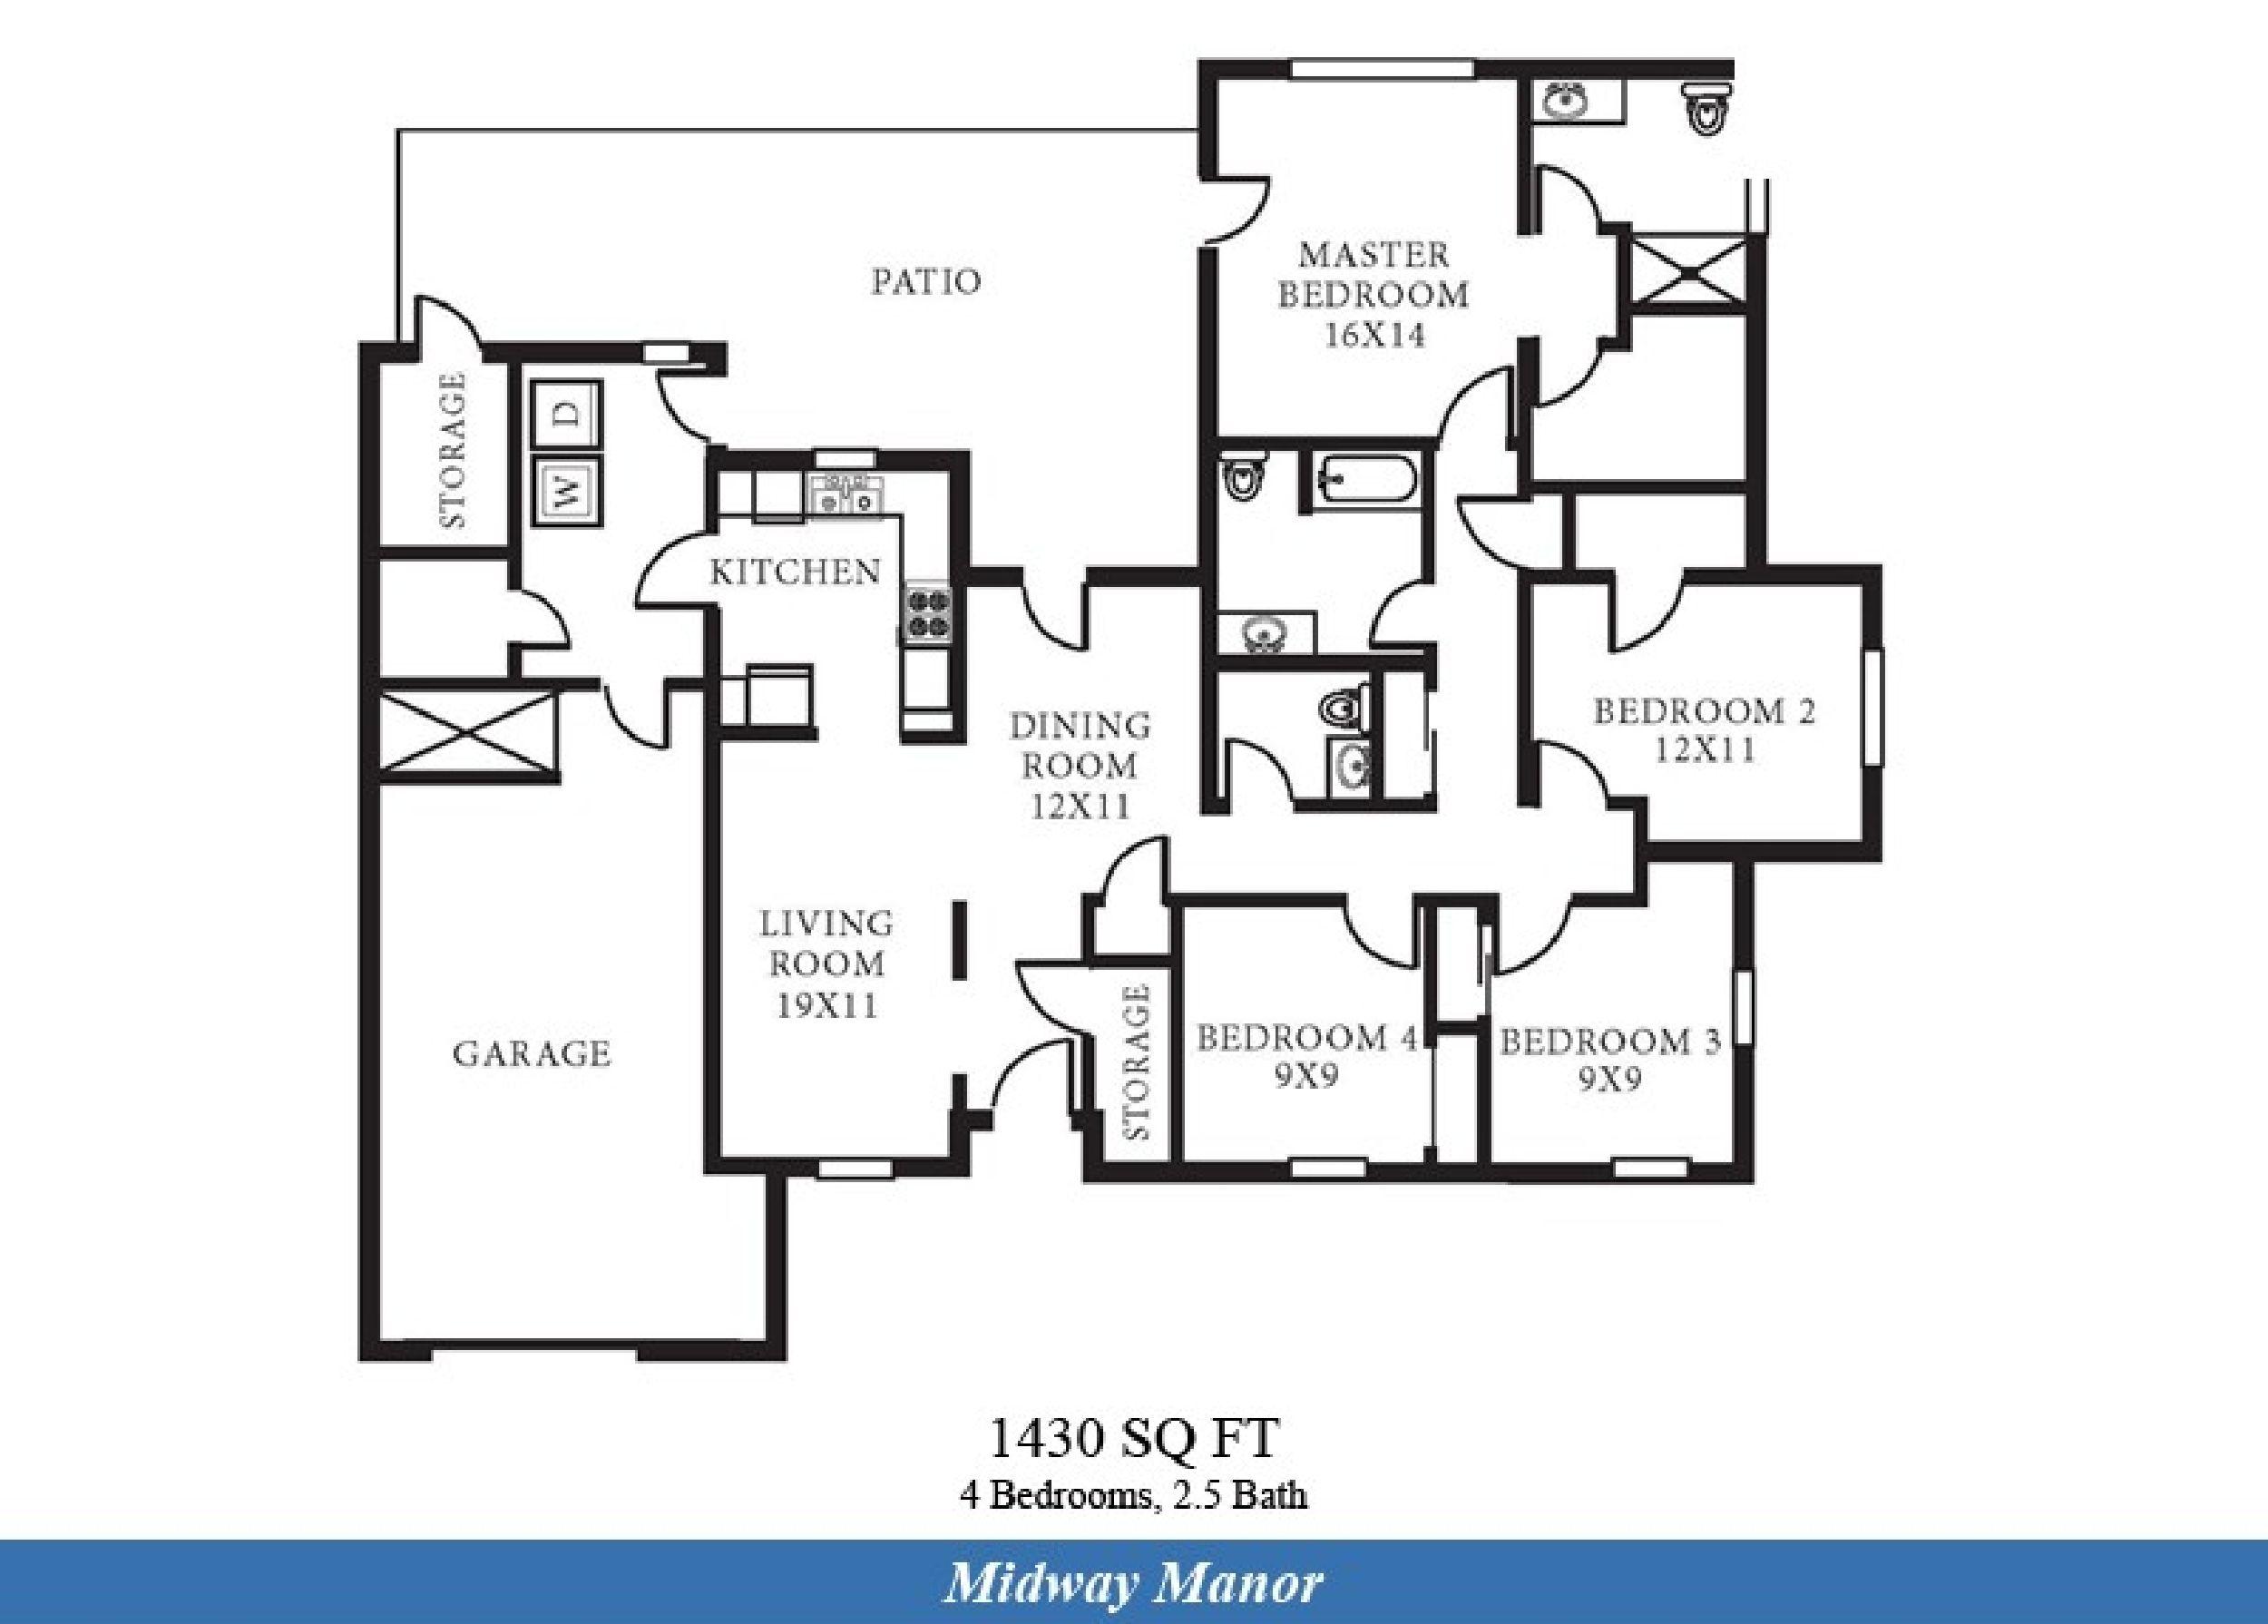 nas oceana midway manor neighborhood 4 bedroom 2 5 bathroom nas oceana midway manor neighborhood 4 bedroom bathroom home floor plan